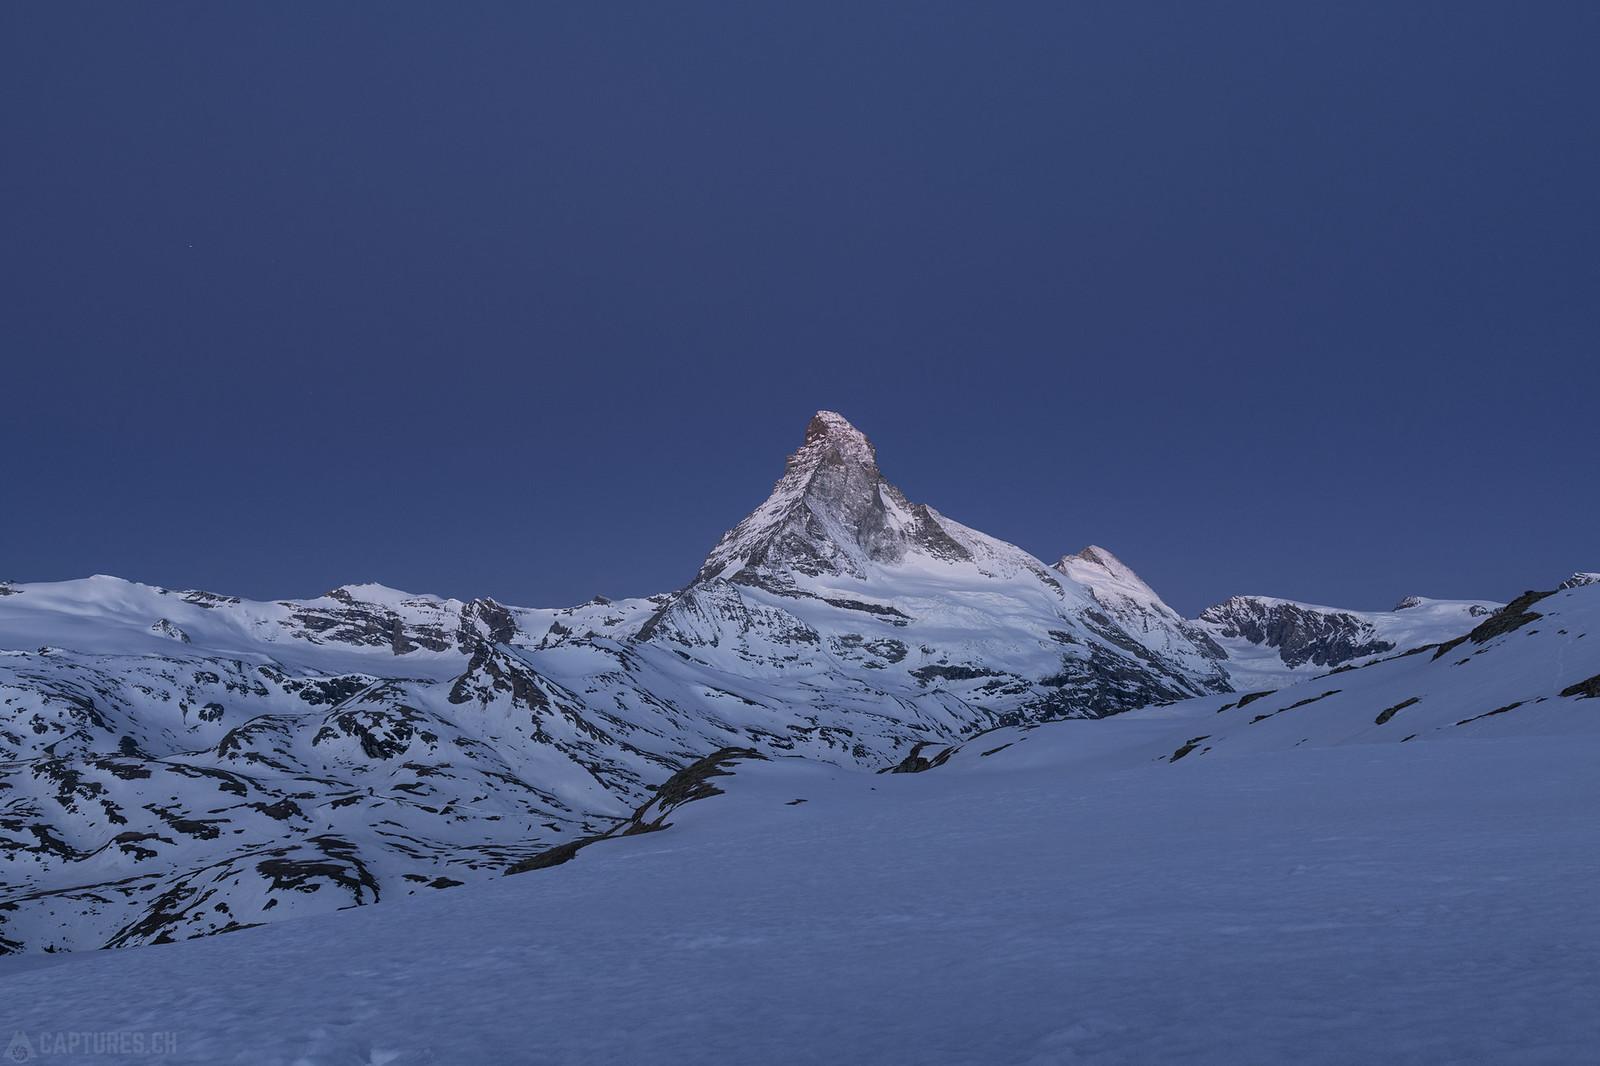 Blue hour - Matterhorn